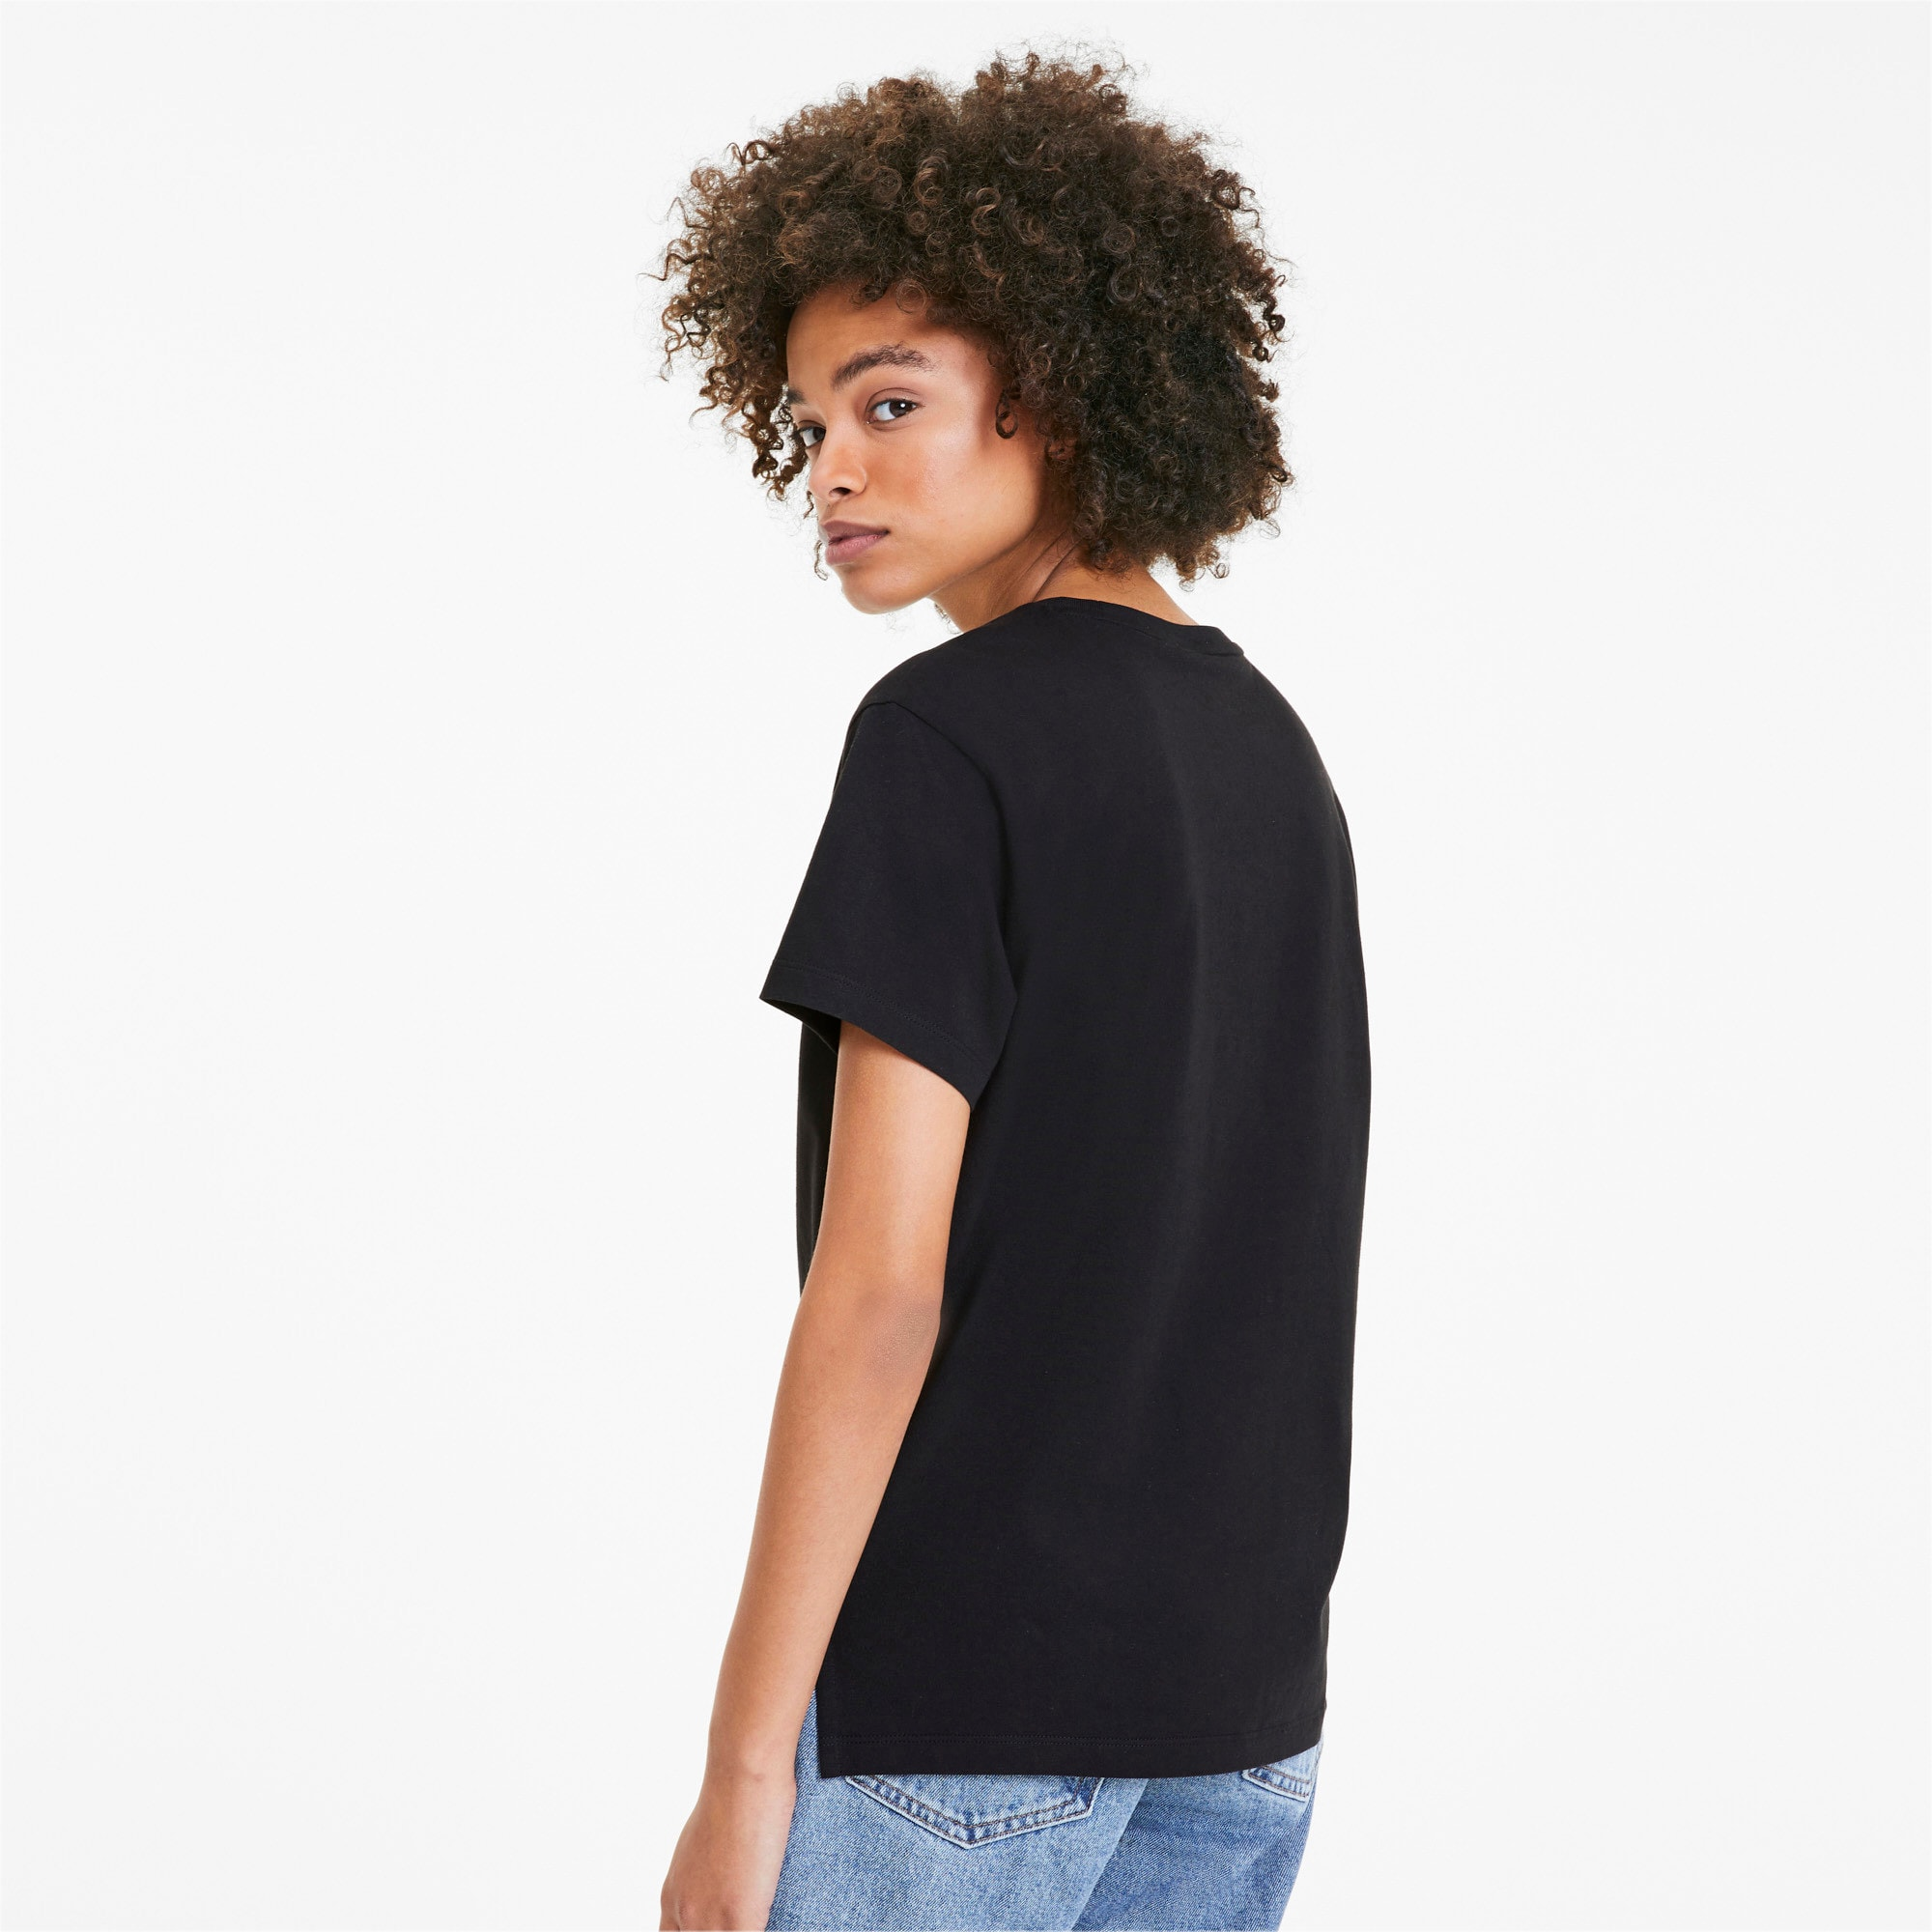 Thumbnail 2 of Classics Logo T-shirt voor dames, Puma Black - 1, medium